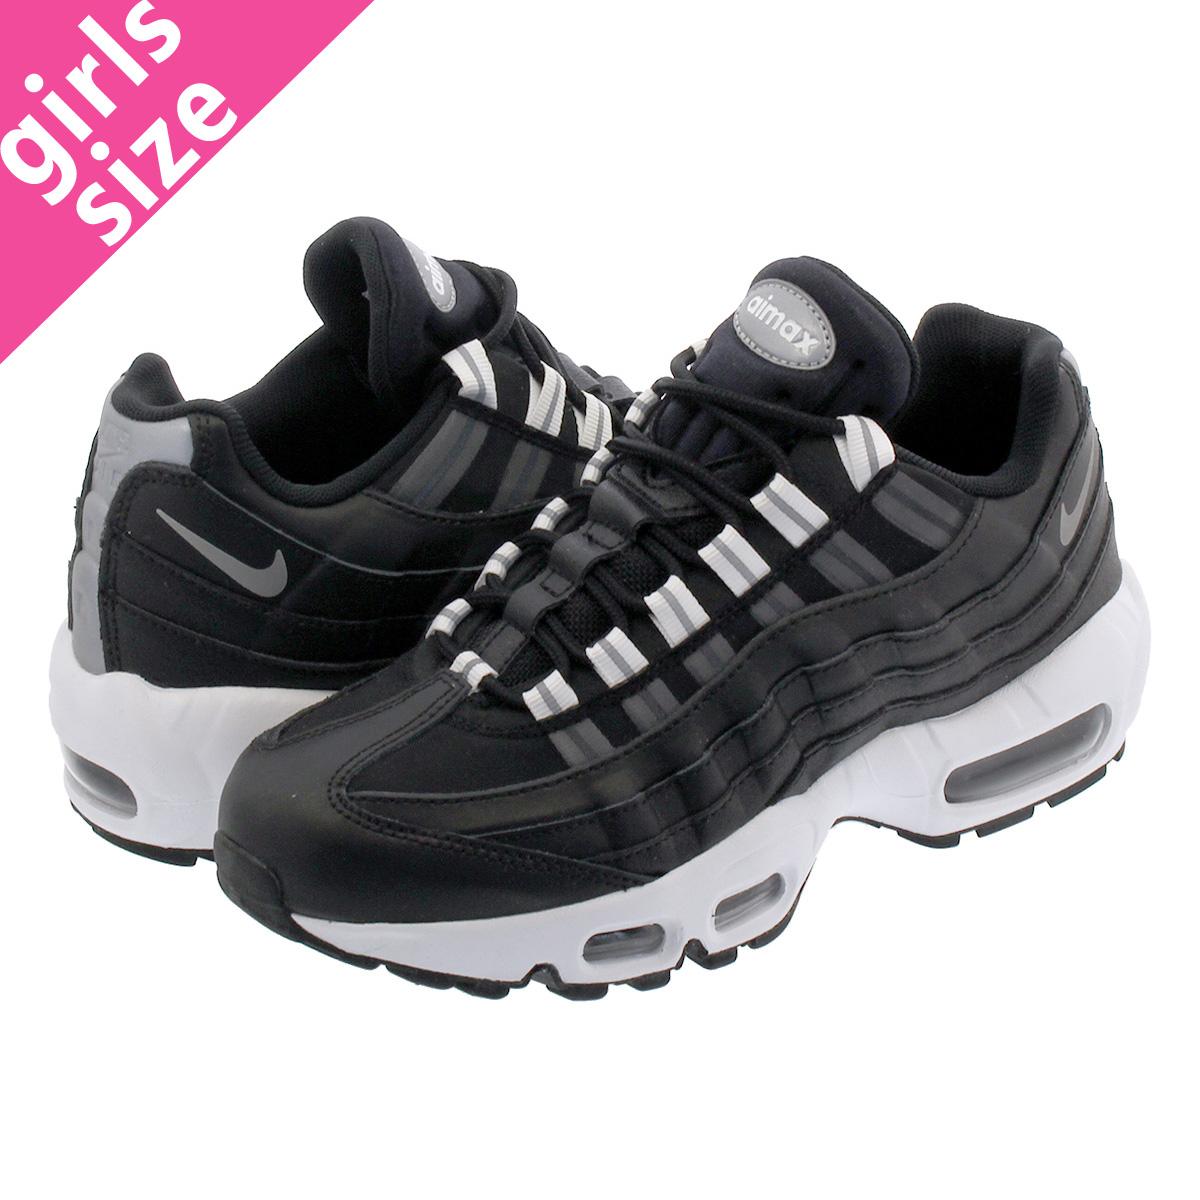 0e11c422440e NIKE WMNS AIR MAX 95 Nike women Air Max 95 BLACK REFLECT SILVER WHITE  307